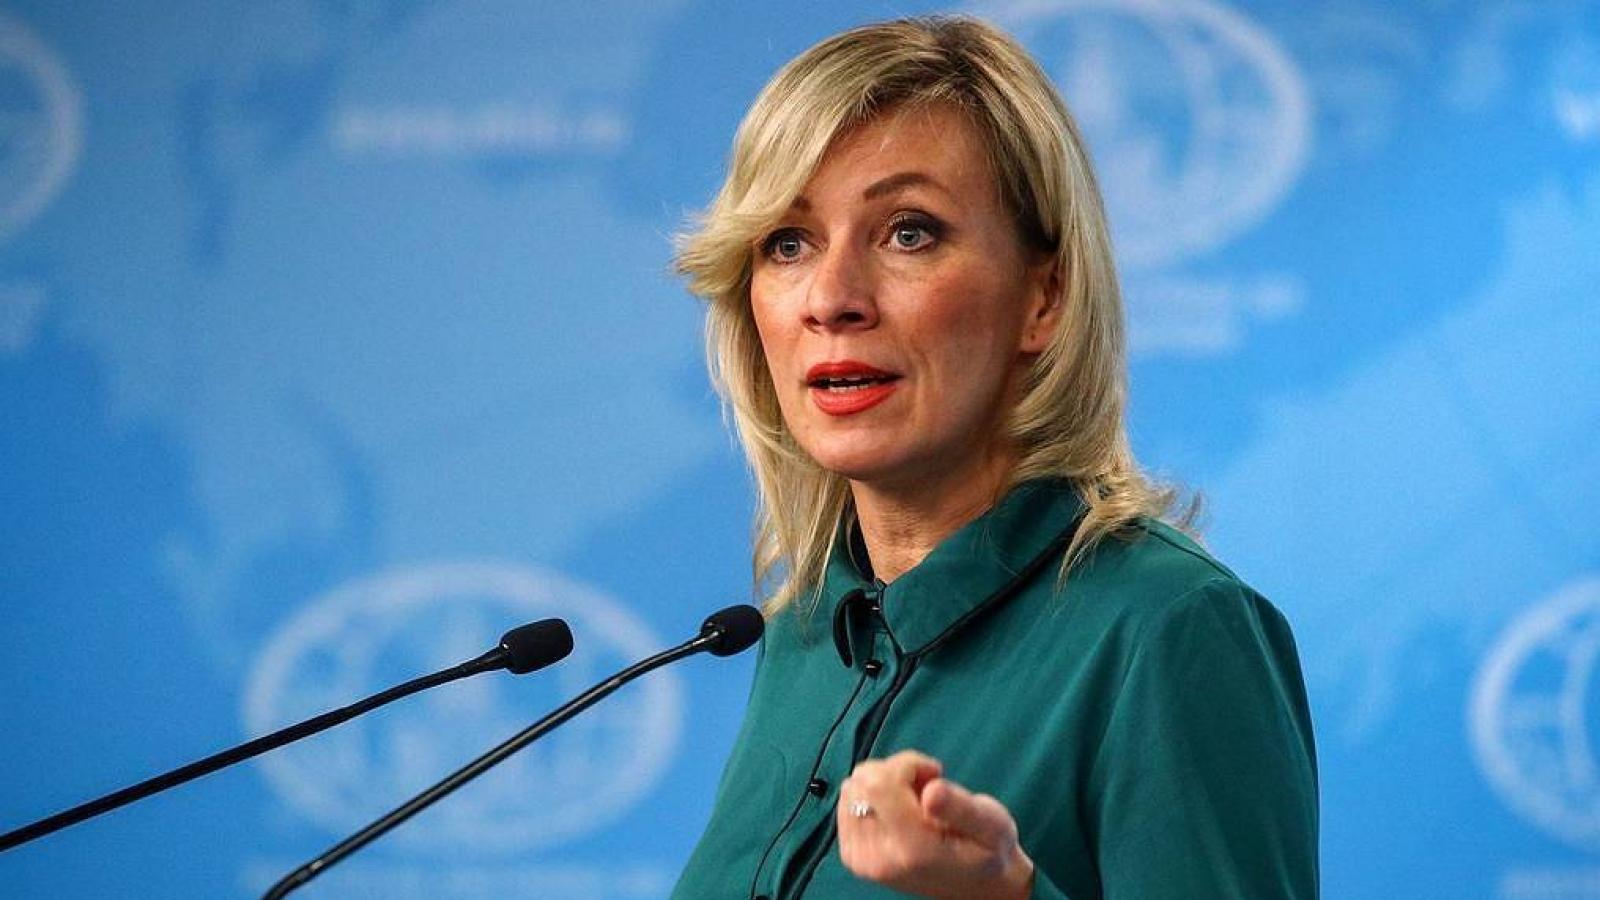 Nga cảnh báo nước ngoài không can thiệp vụ xét xửNavalny